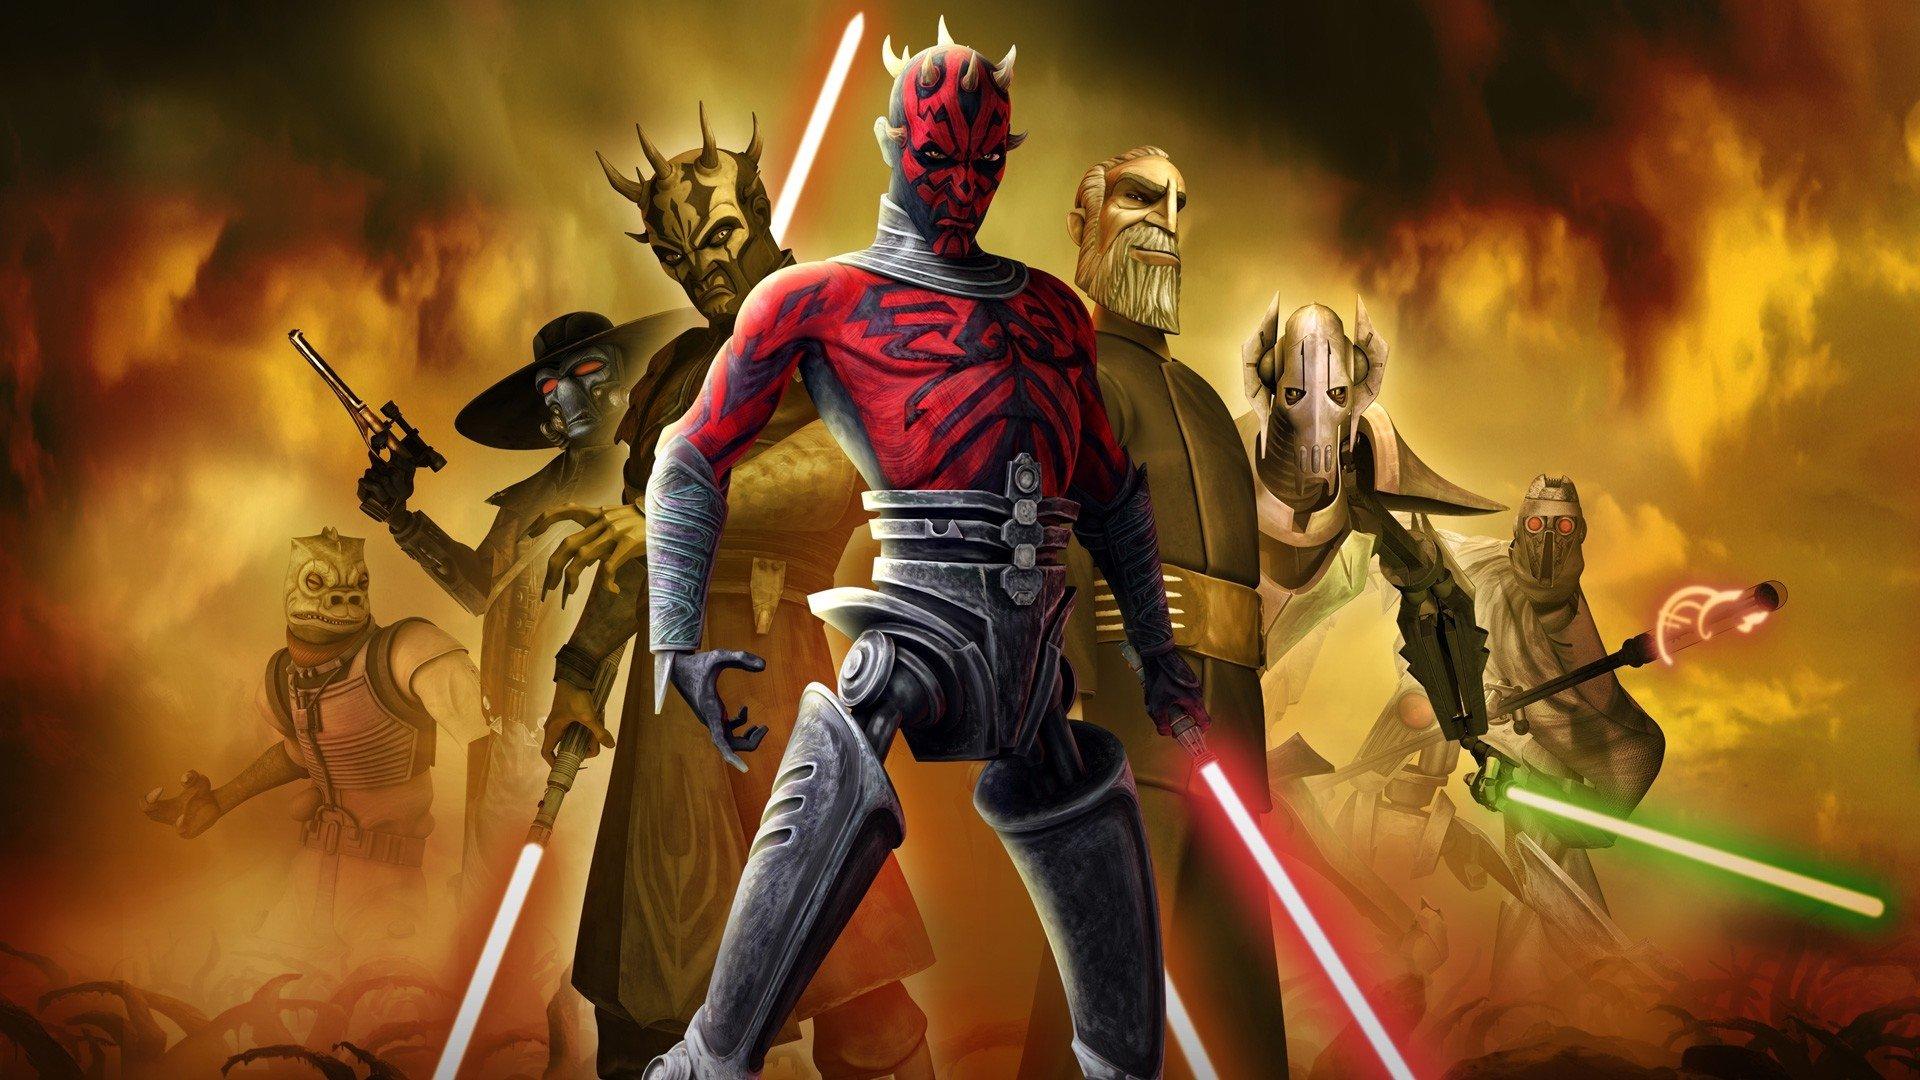 star wars: the clone wars hd wallpaper | hintergrund | 1920x1080